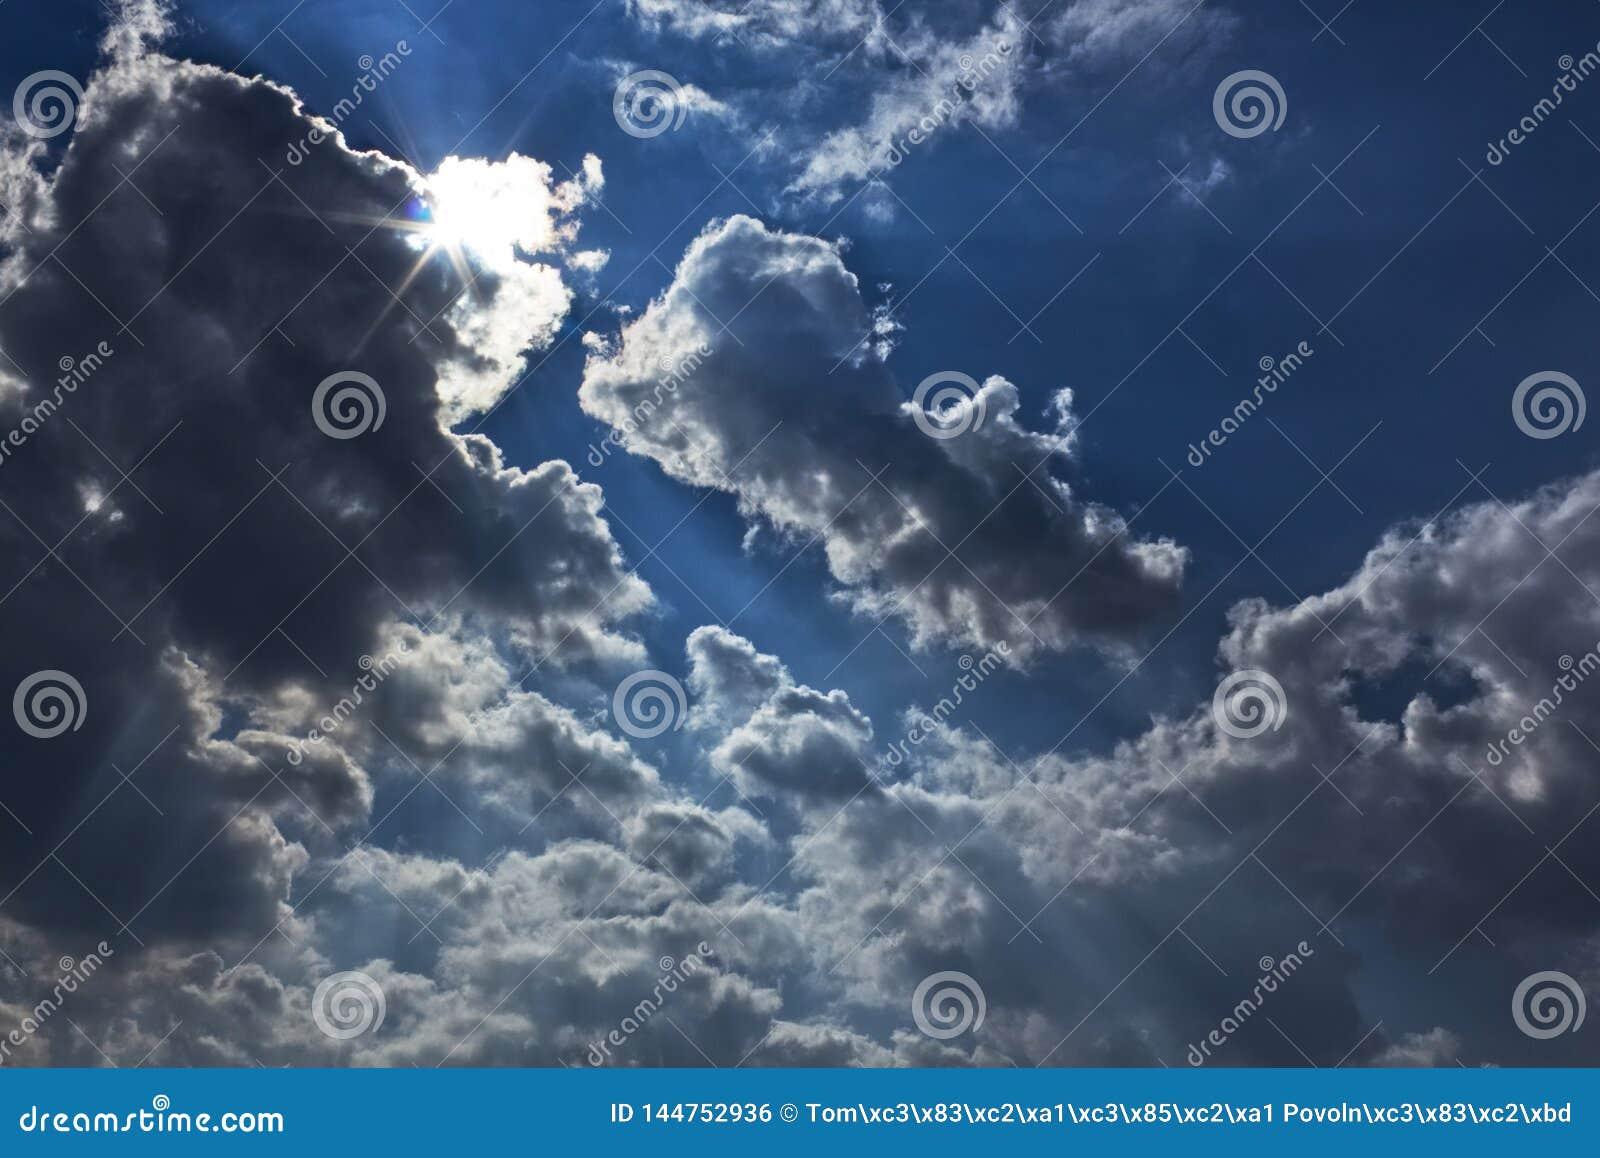 Драматическое небо заволакивает пирофакелы солнца перед громом